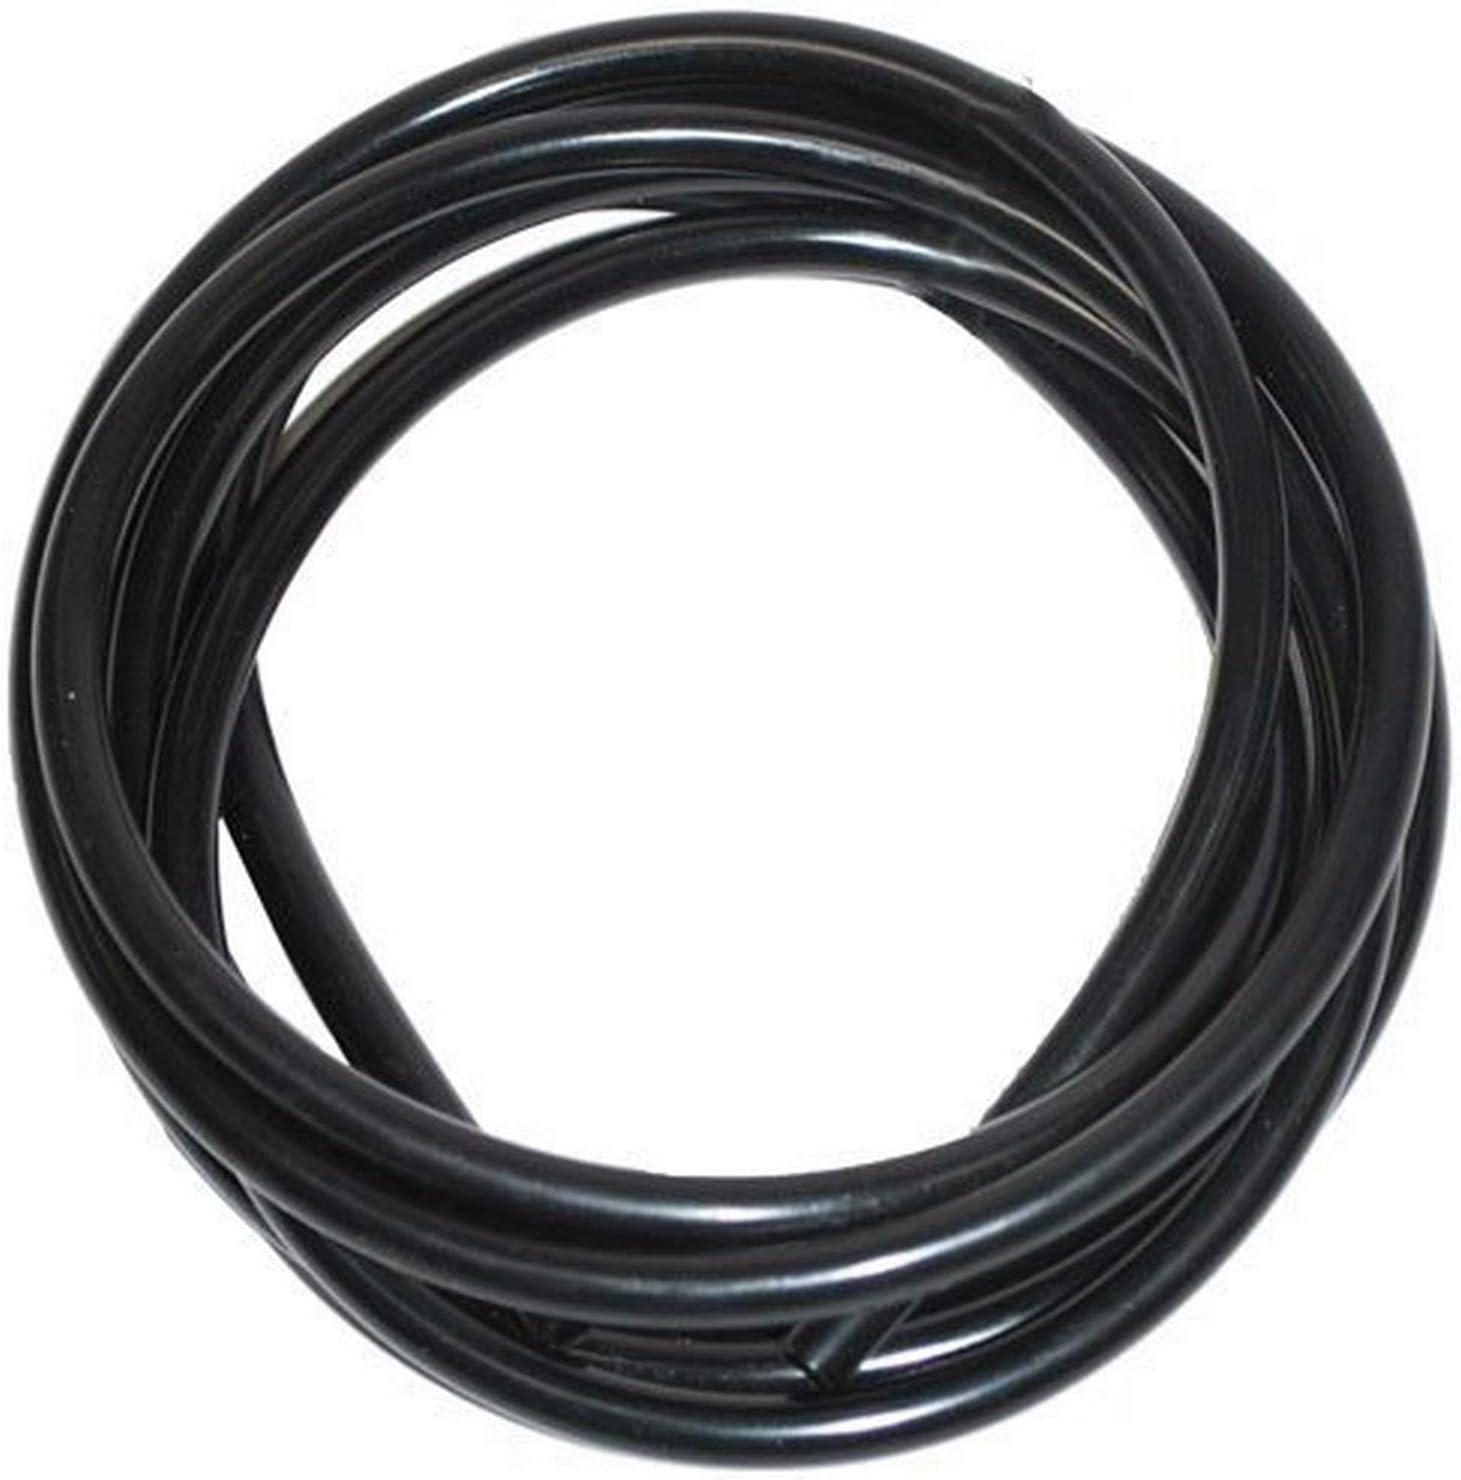 Hayward CLX220J CL220 Off-Line Chemical Feeder 8-Feet Chlorinator Tubing